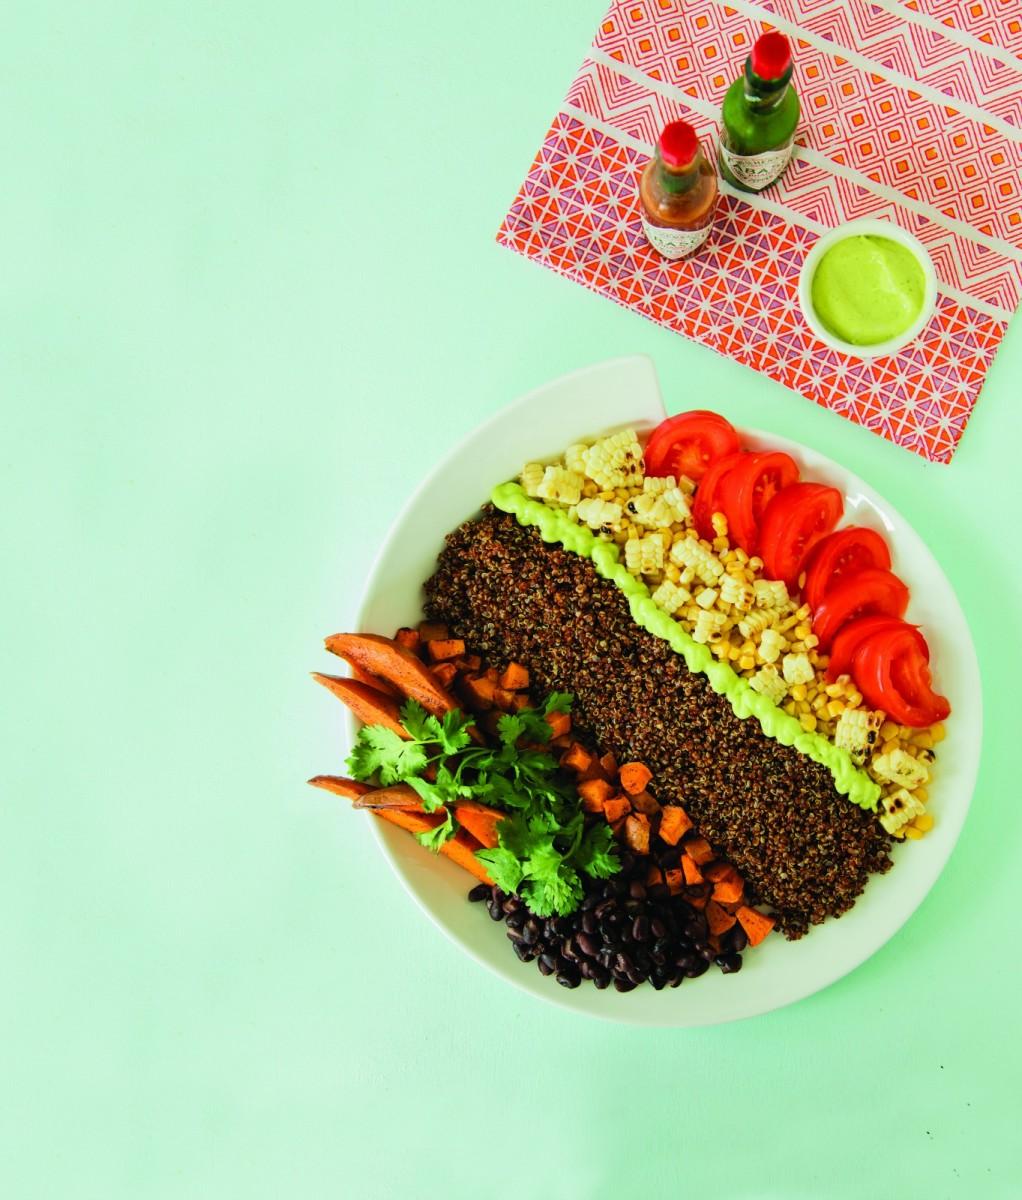 Southwest Salad vertical